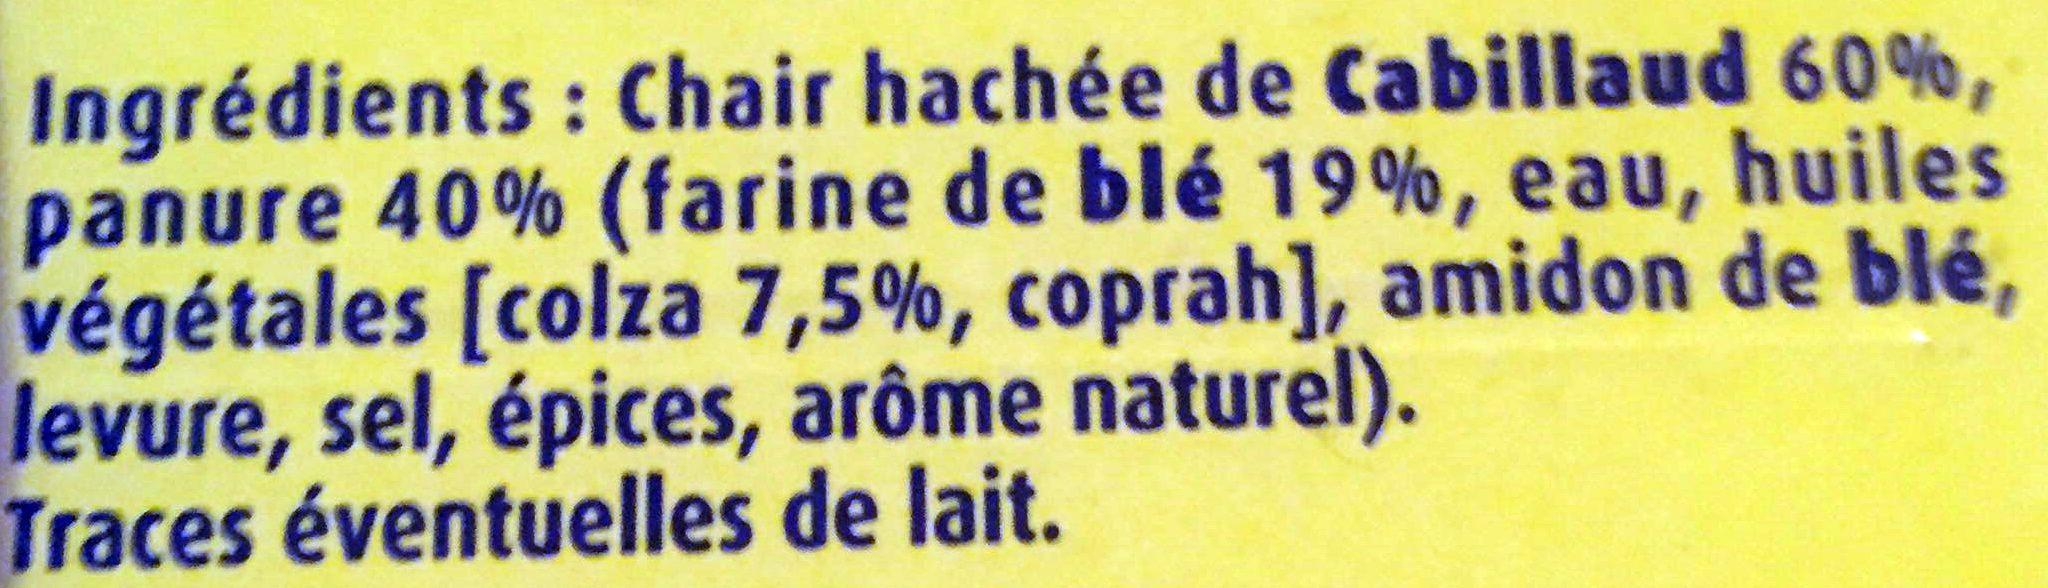 Croustibat Cabillaud - Ingredienti - fr